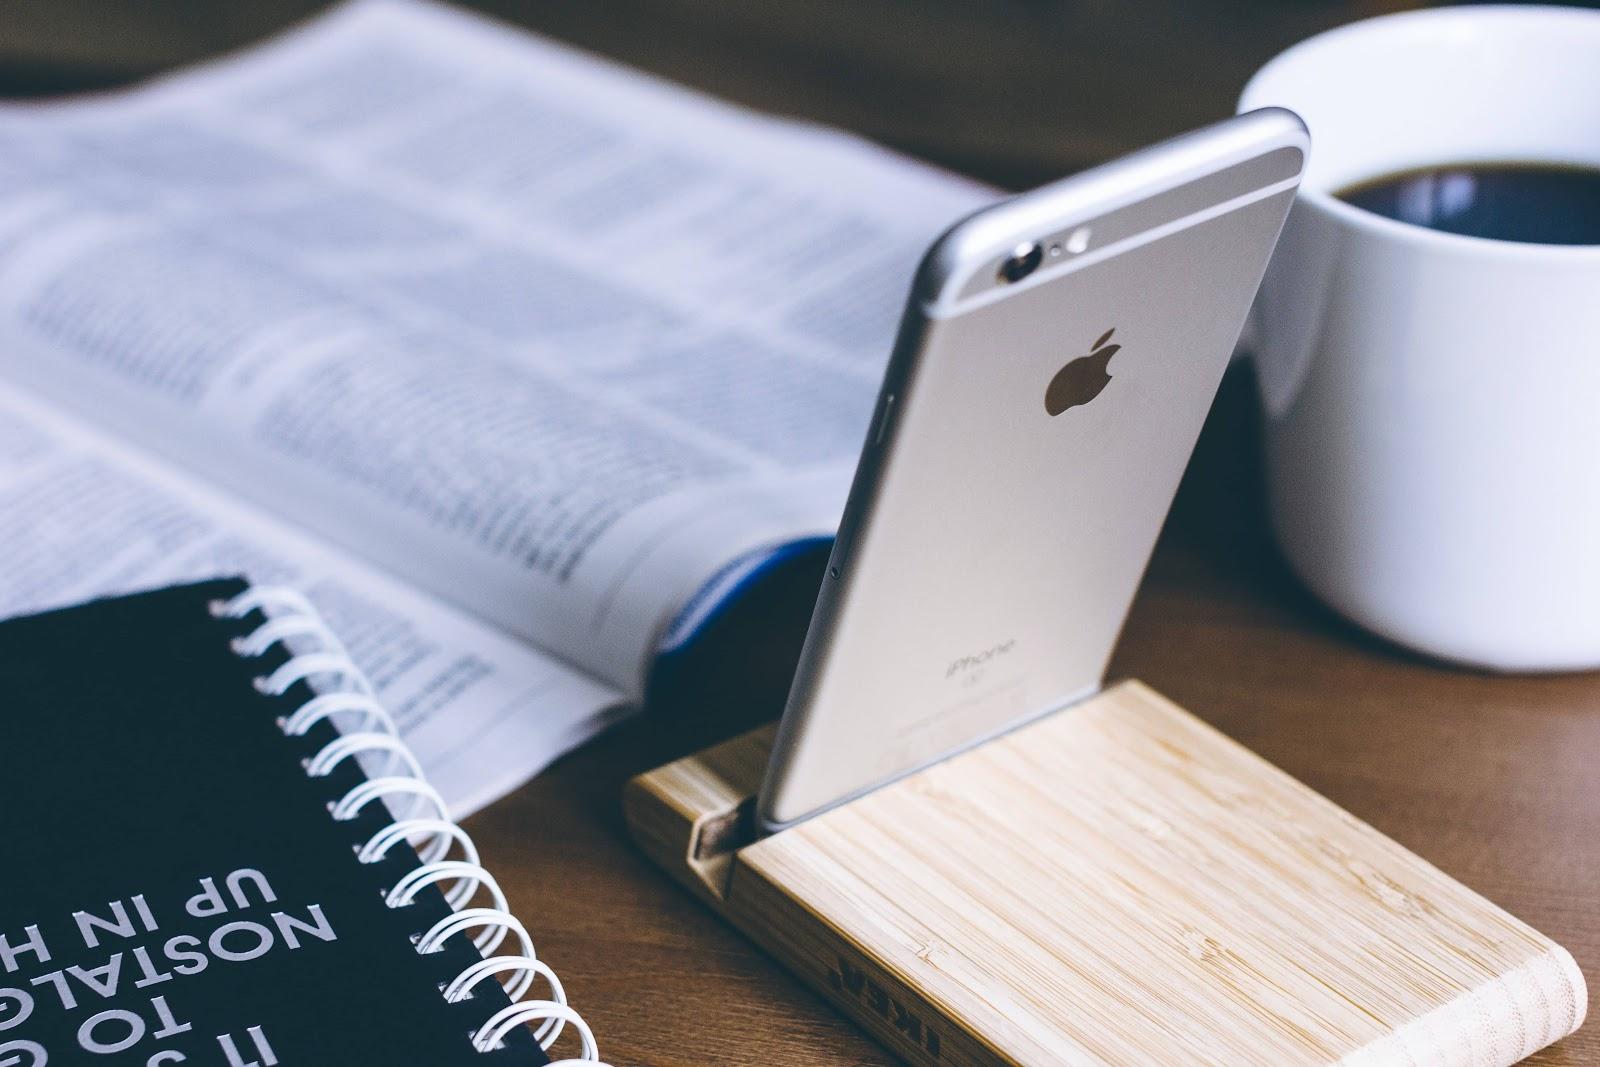 iphone-bianco-agenda-nera